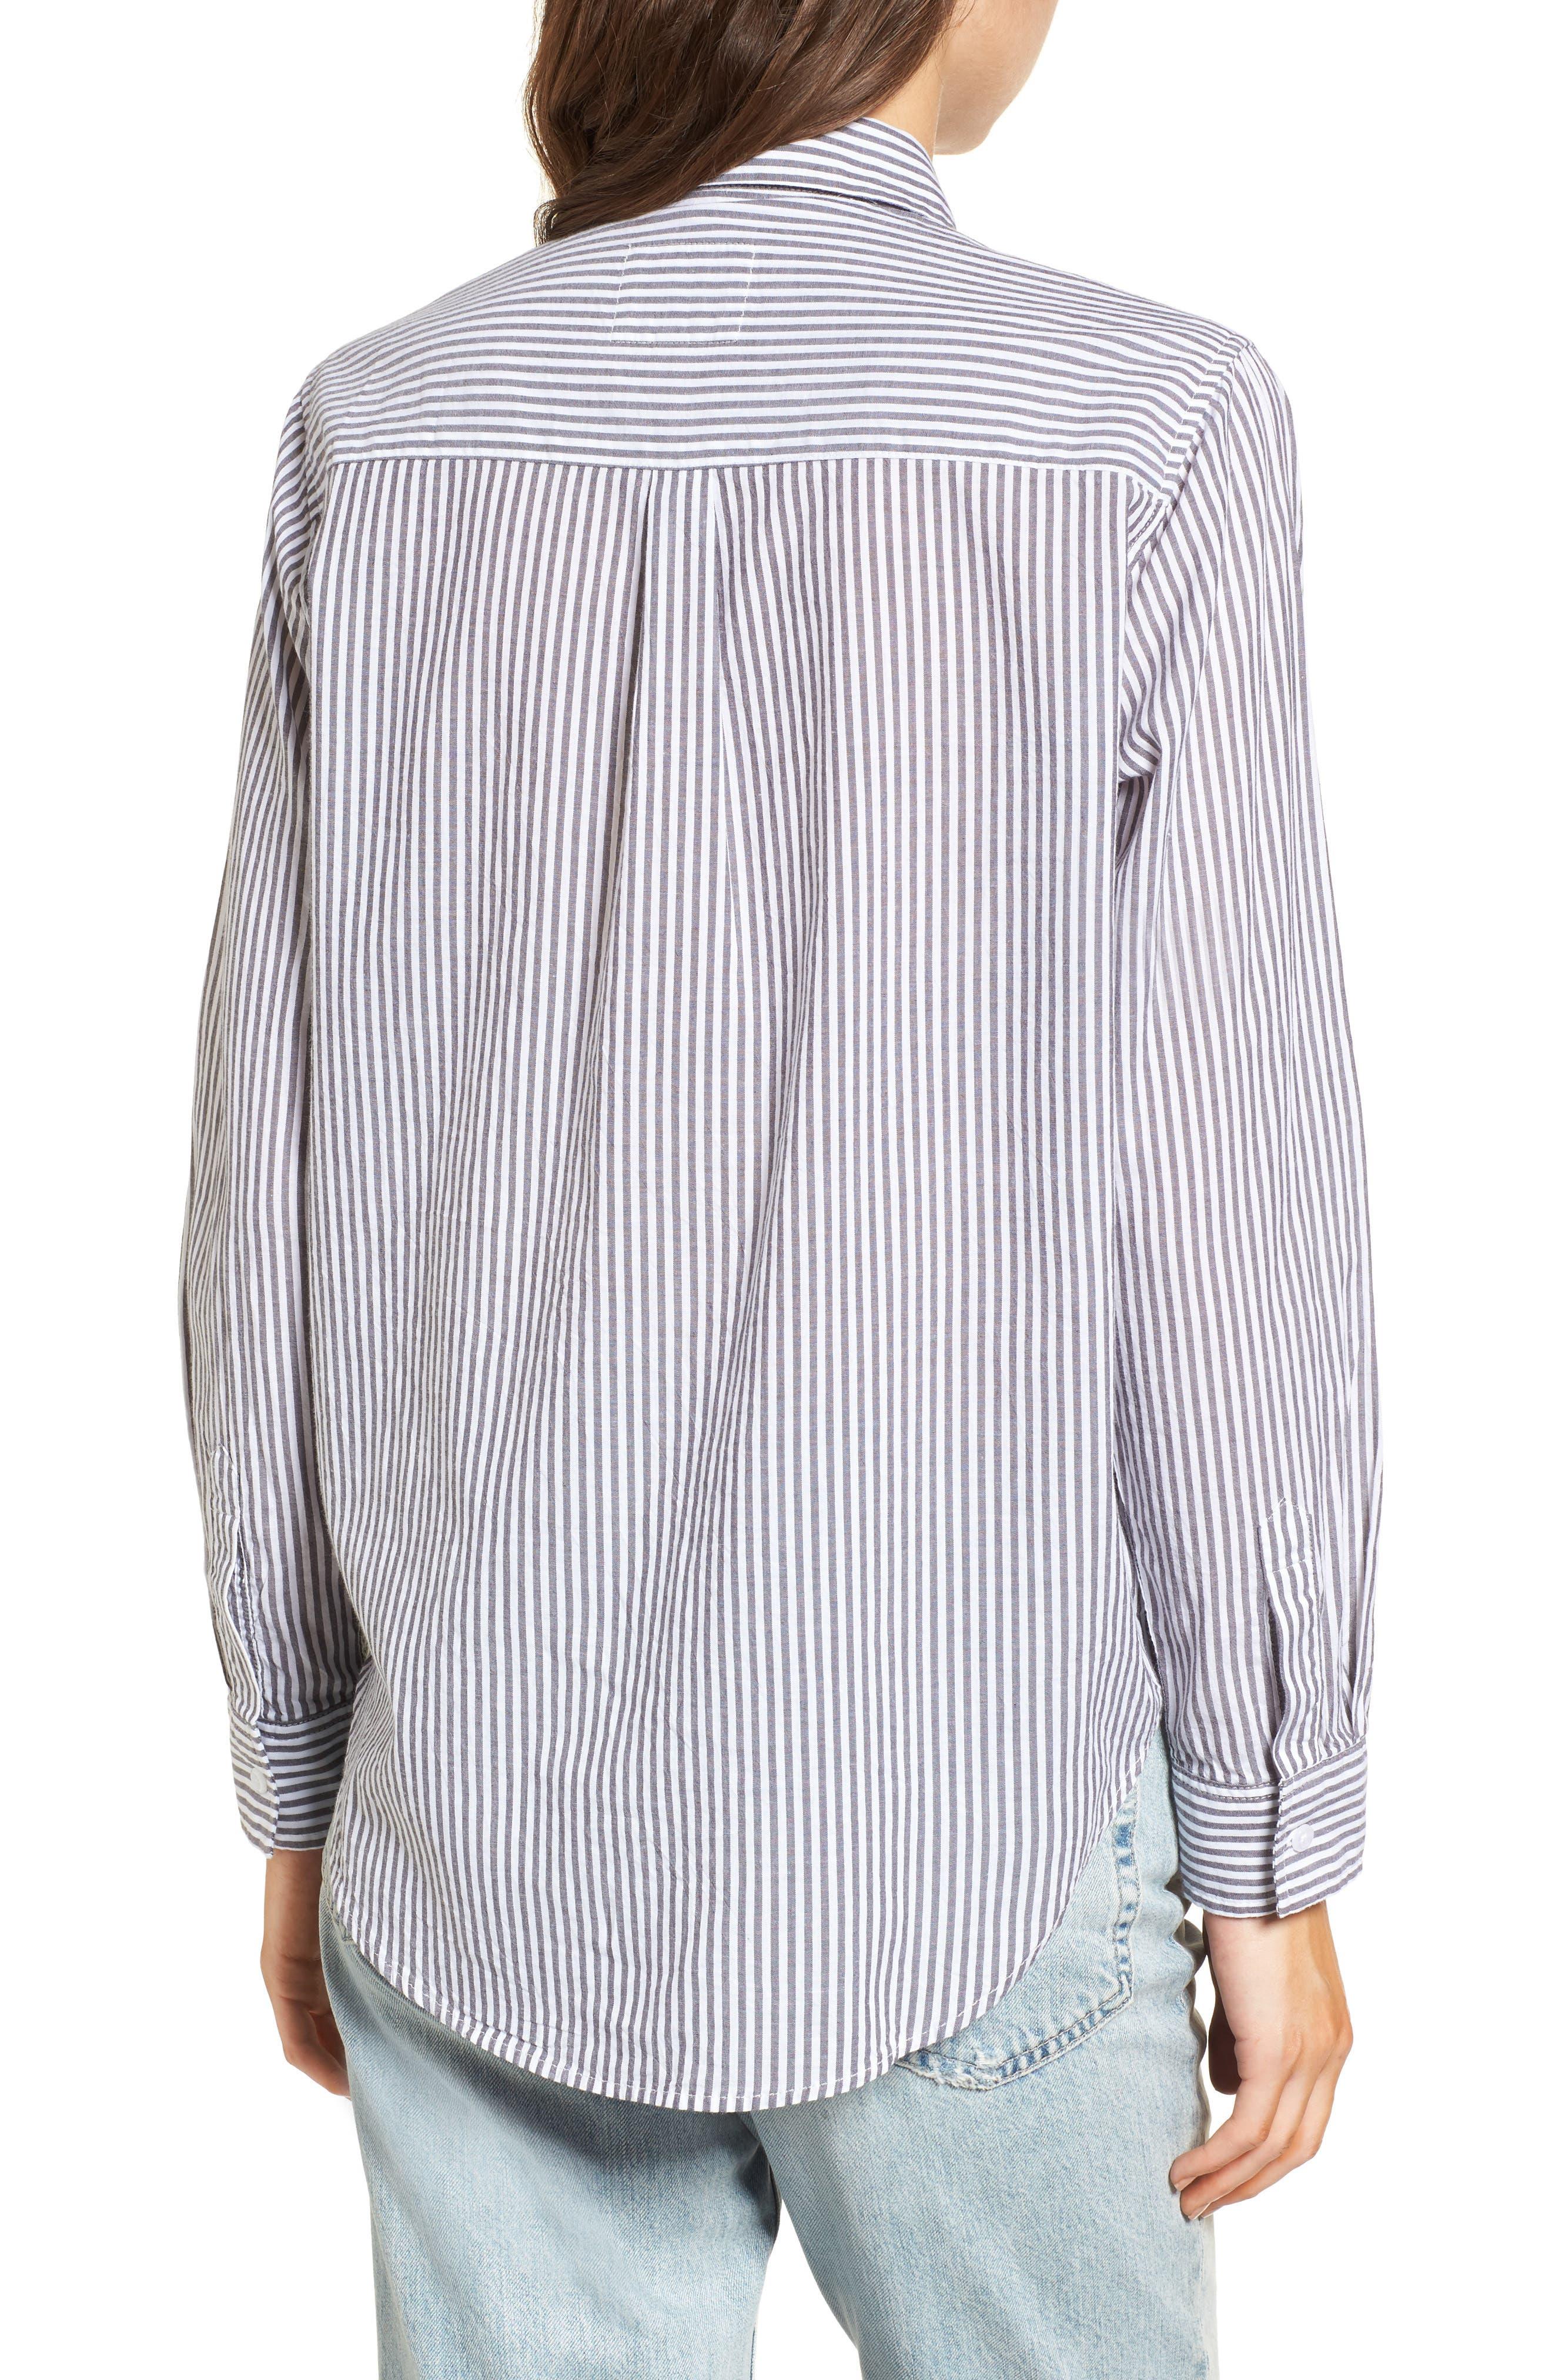 Taylor Embellished Shirt,                             Alternate thumbnail 2, color,                             022